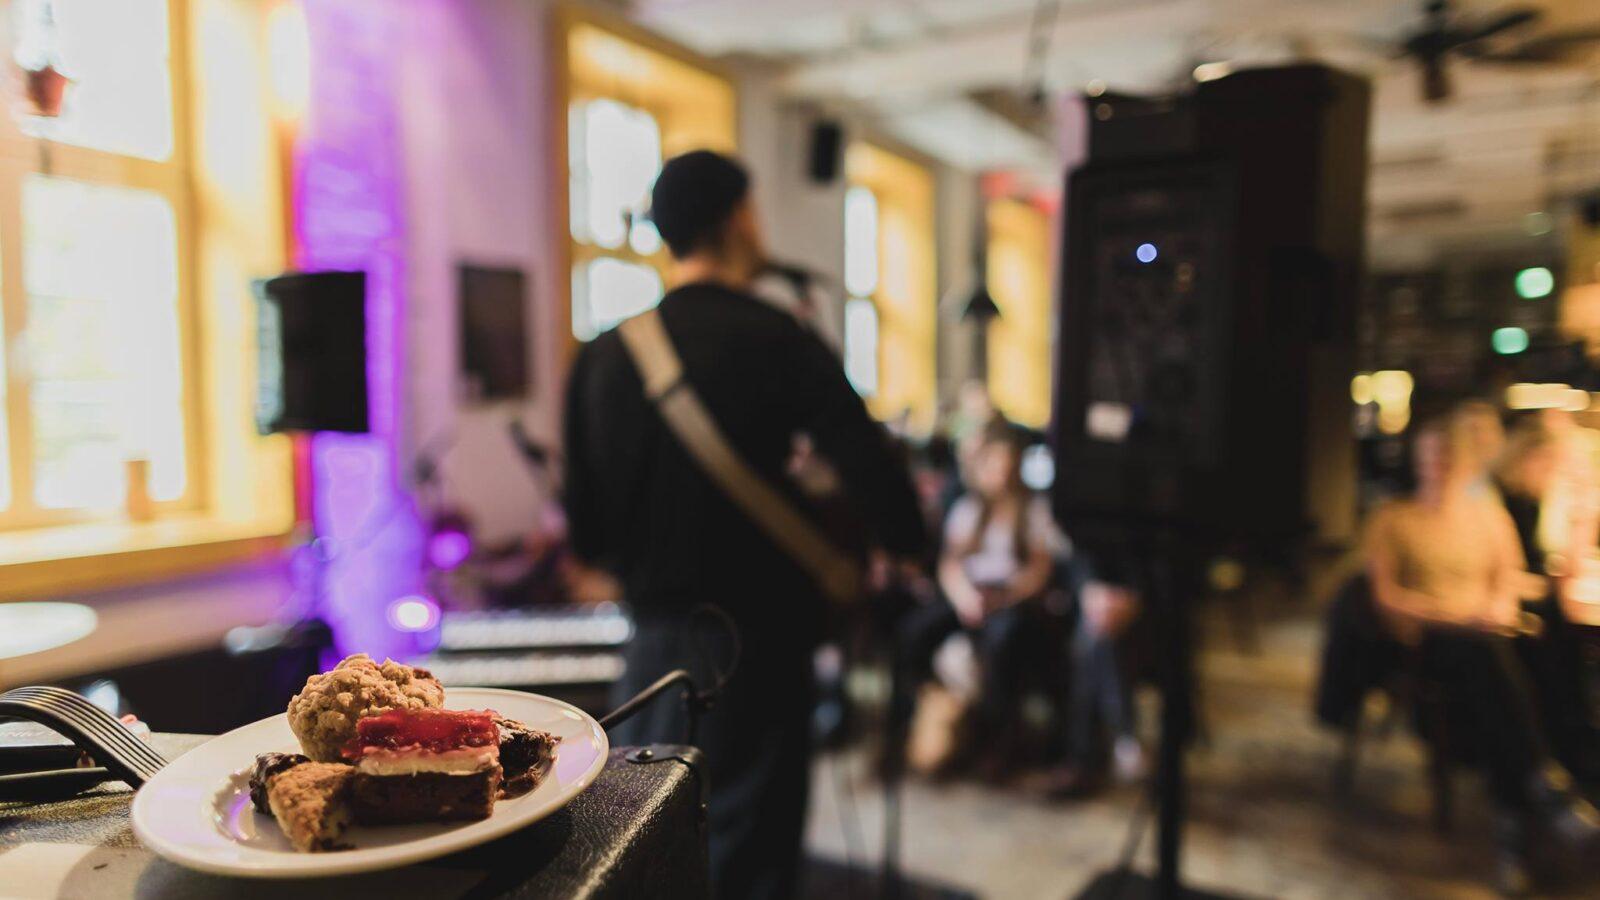 Die Superbude vereint Kuchengenuss und Live-Musik